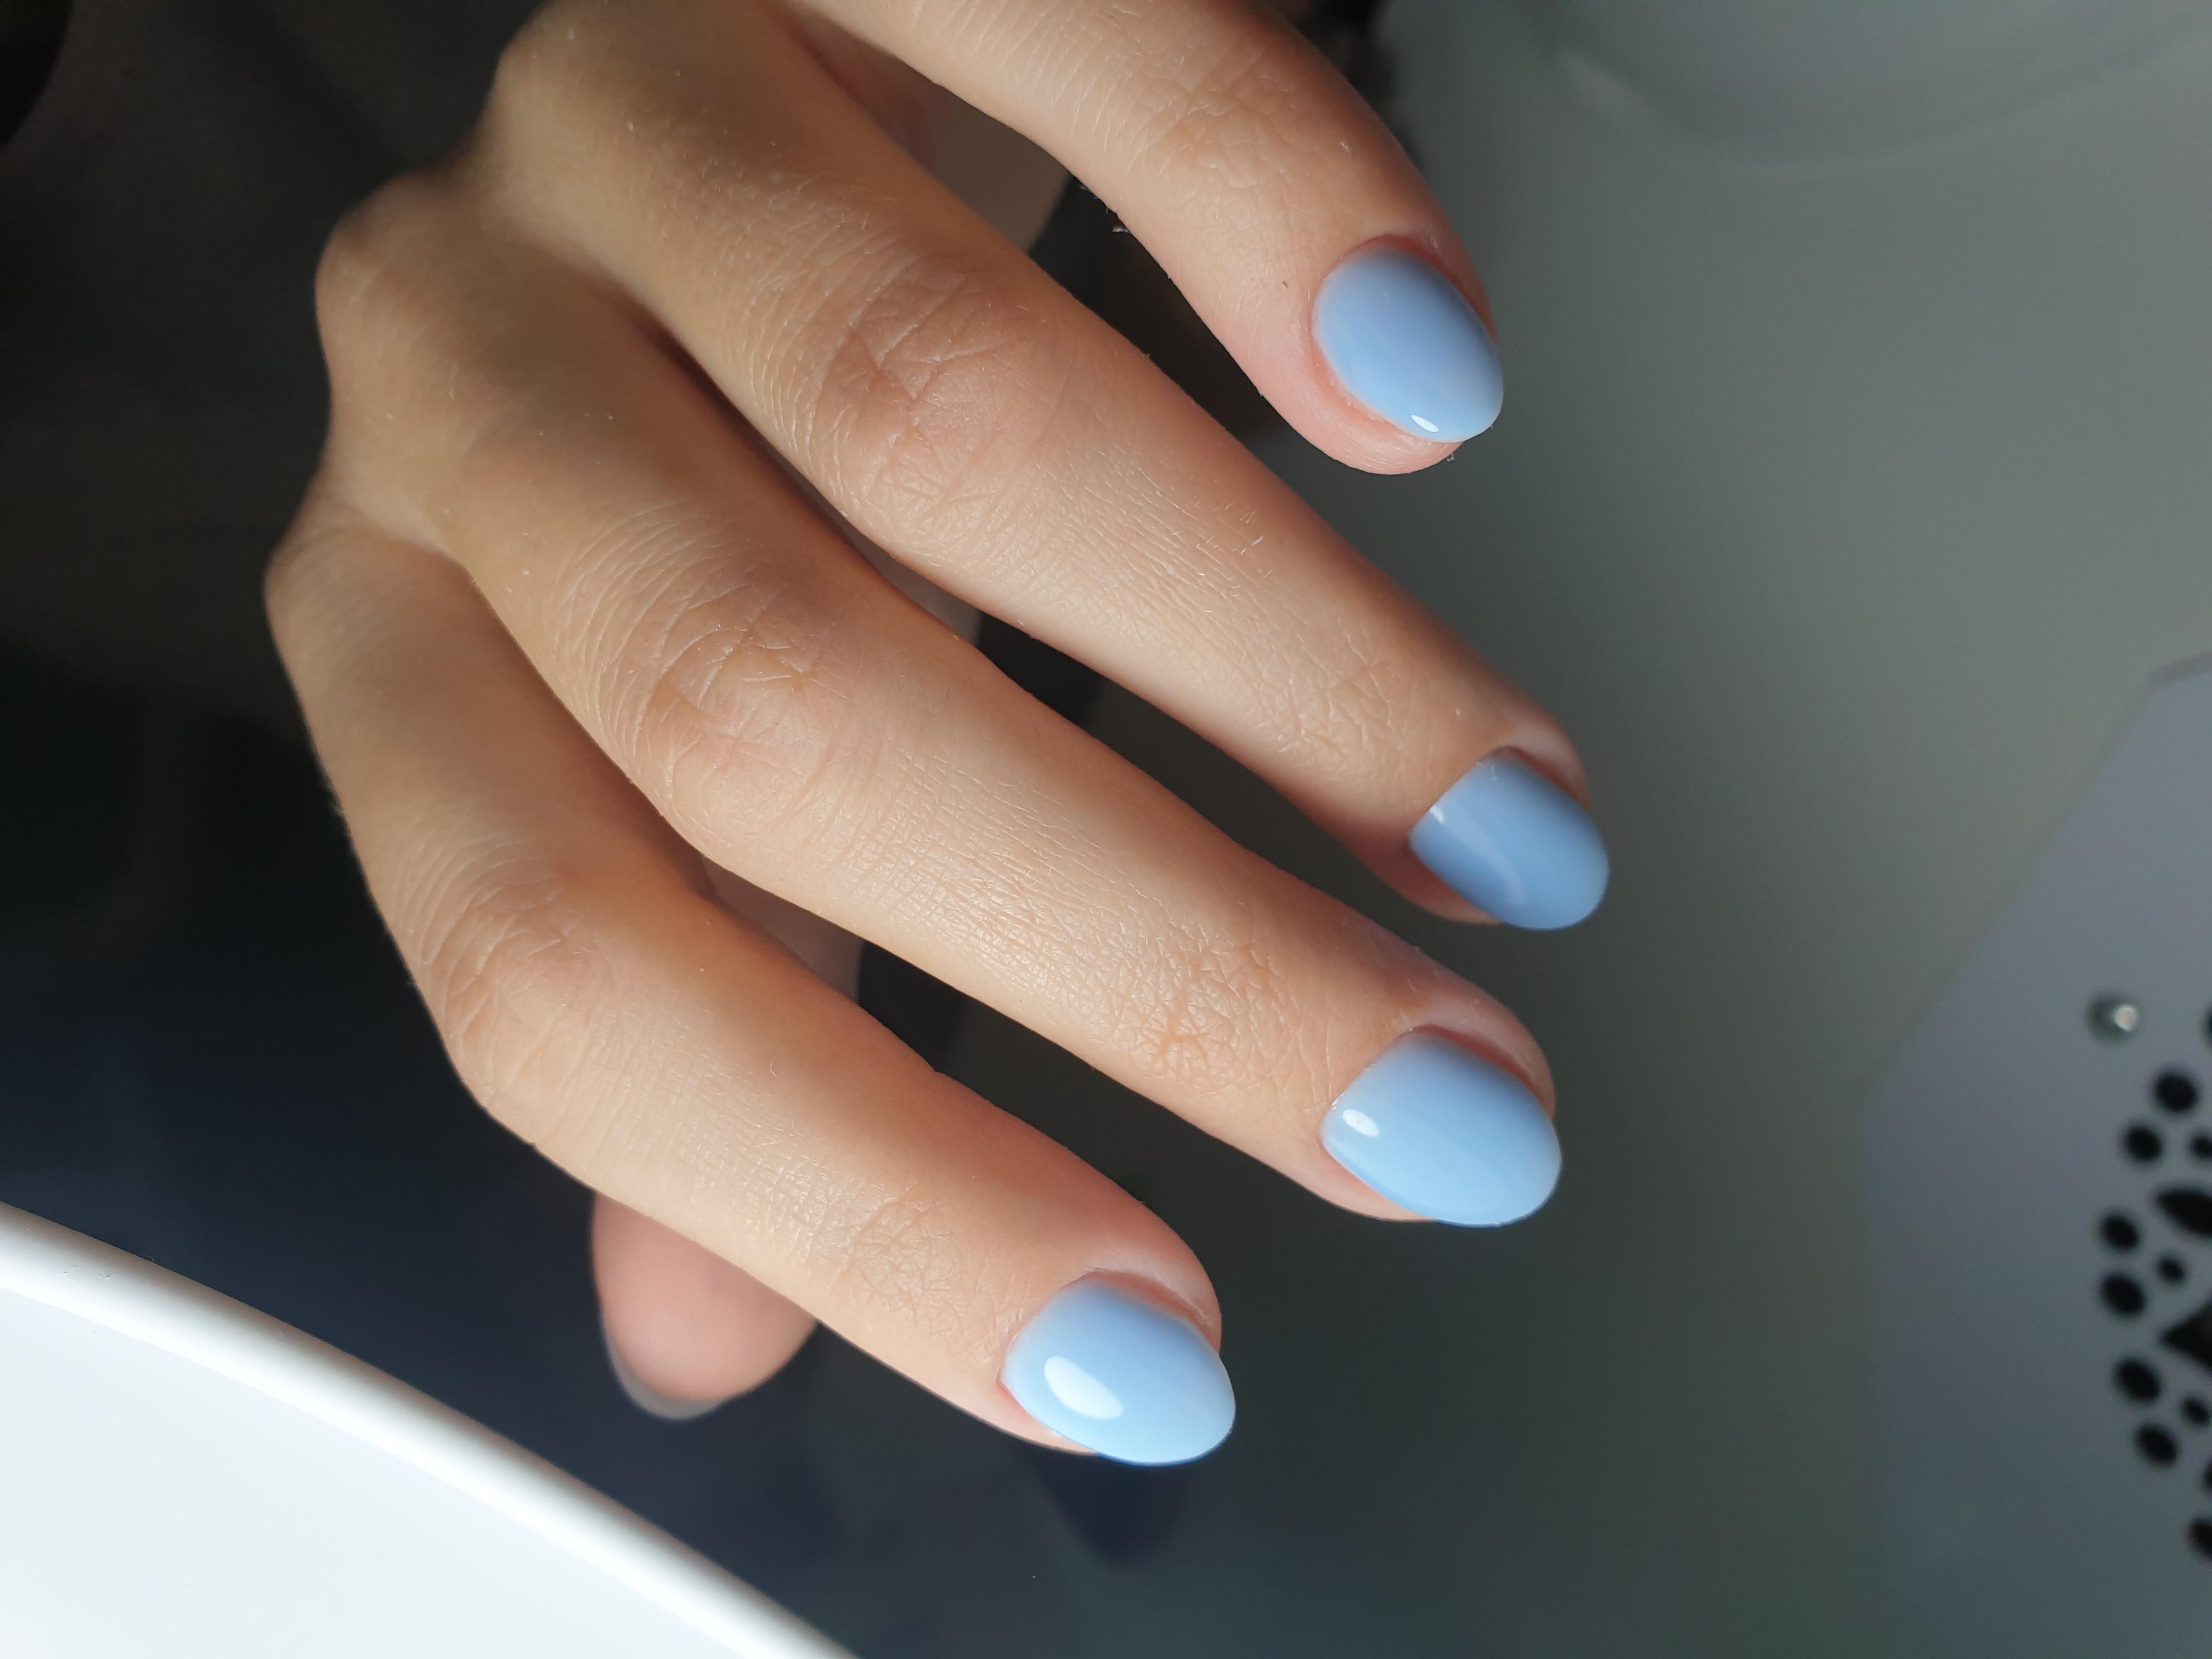 Маникюр в голубом цвете на короткие ногти.